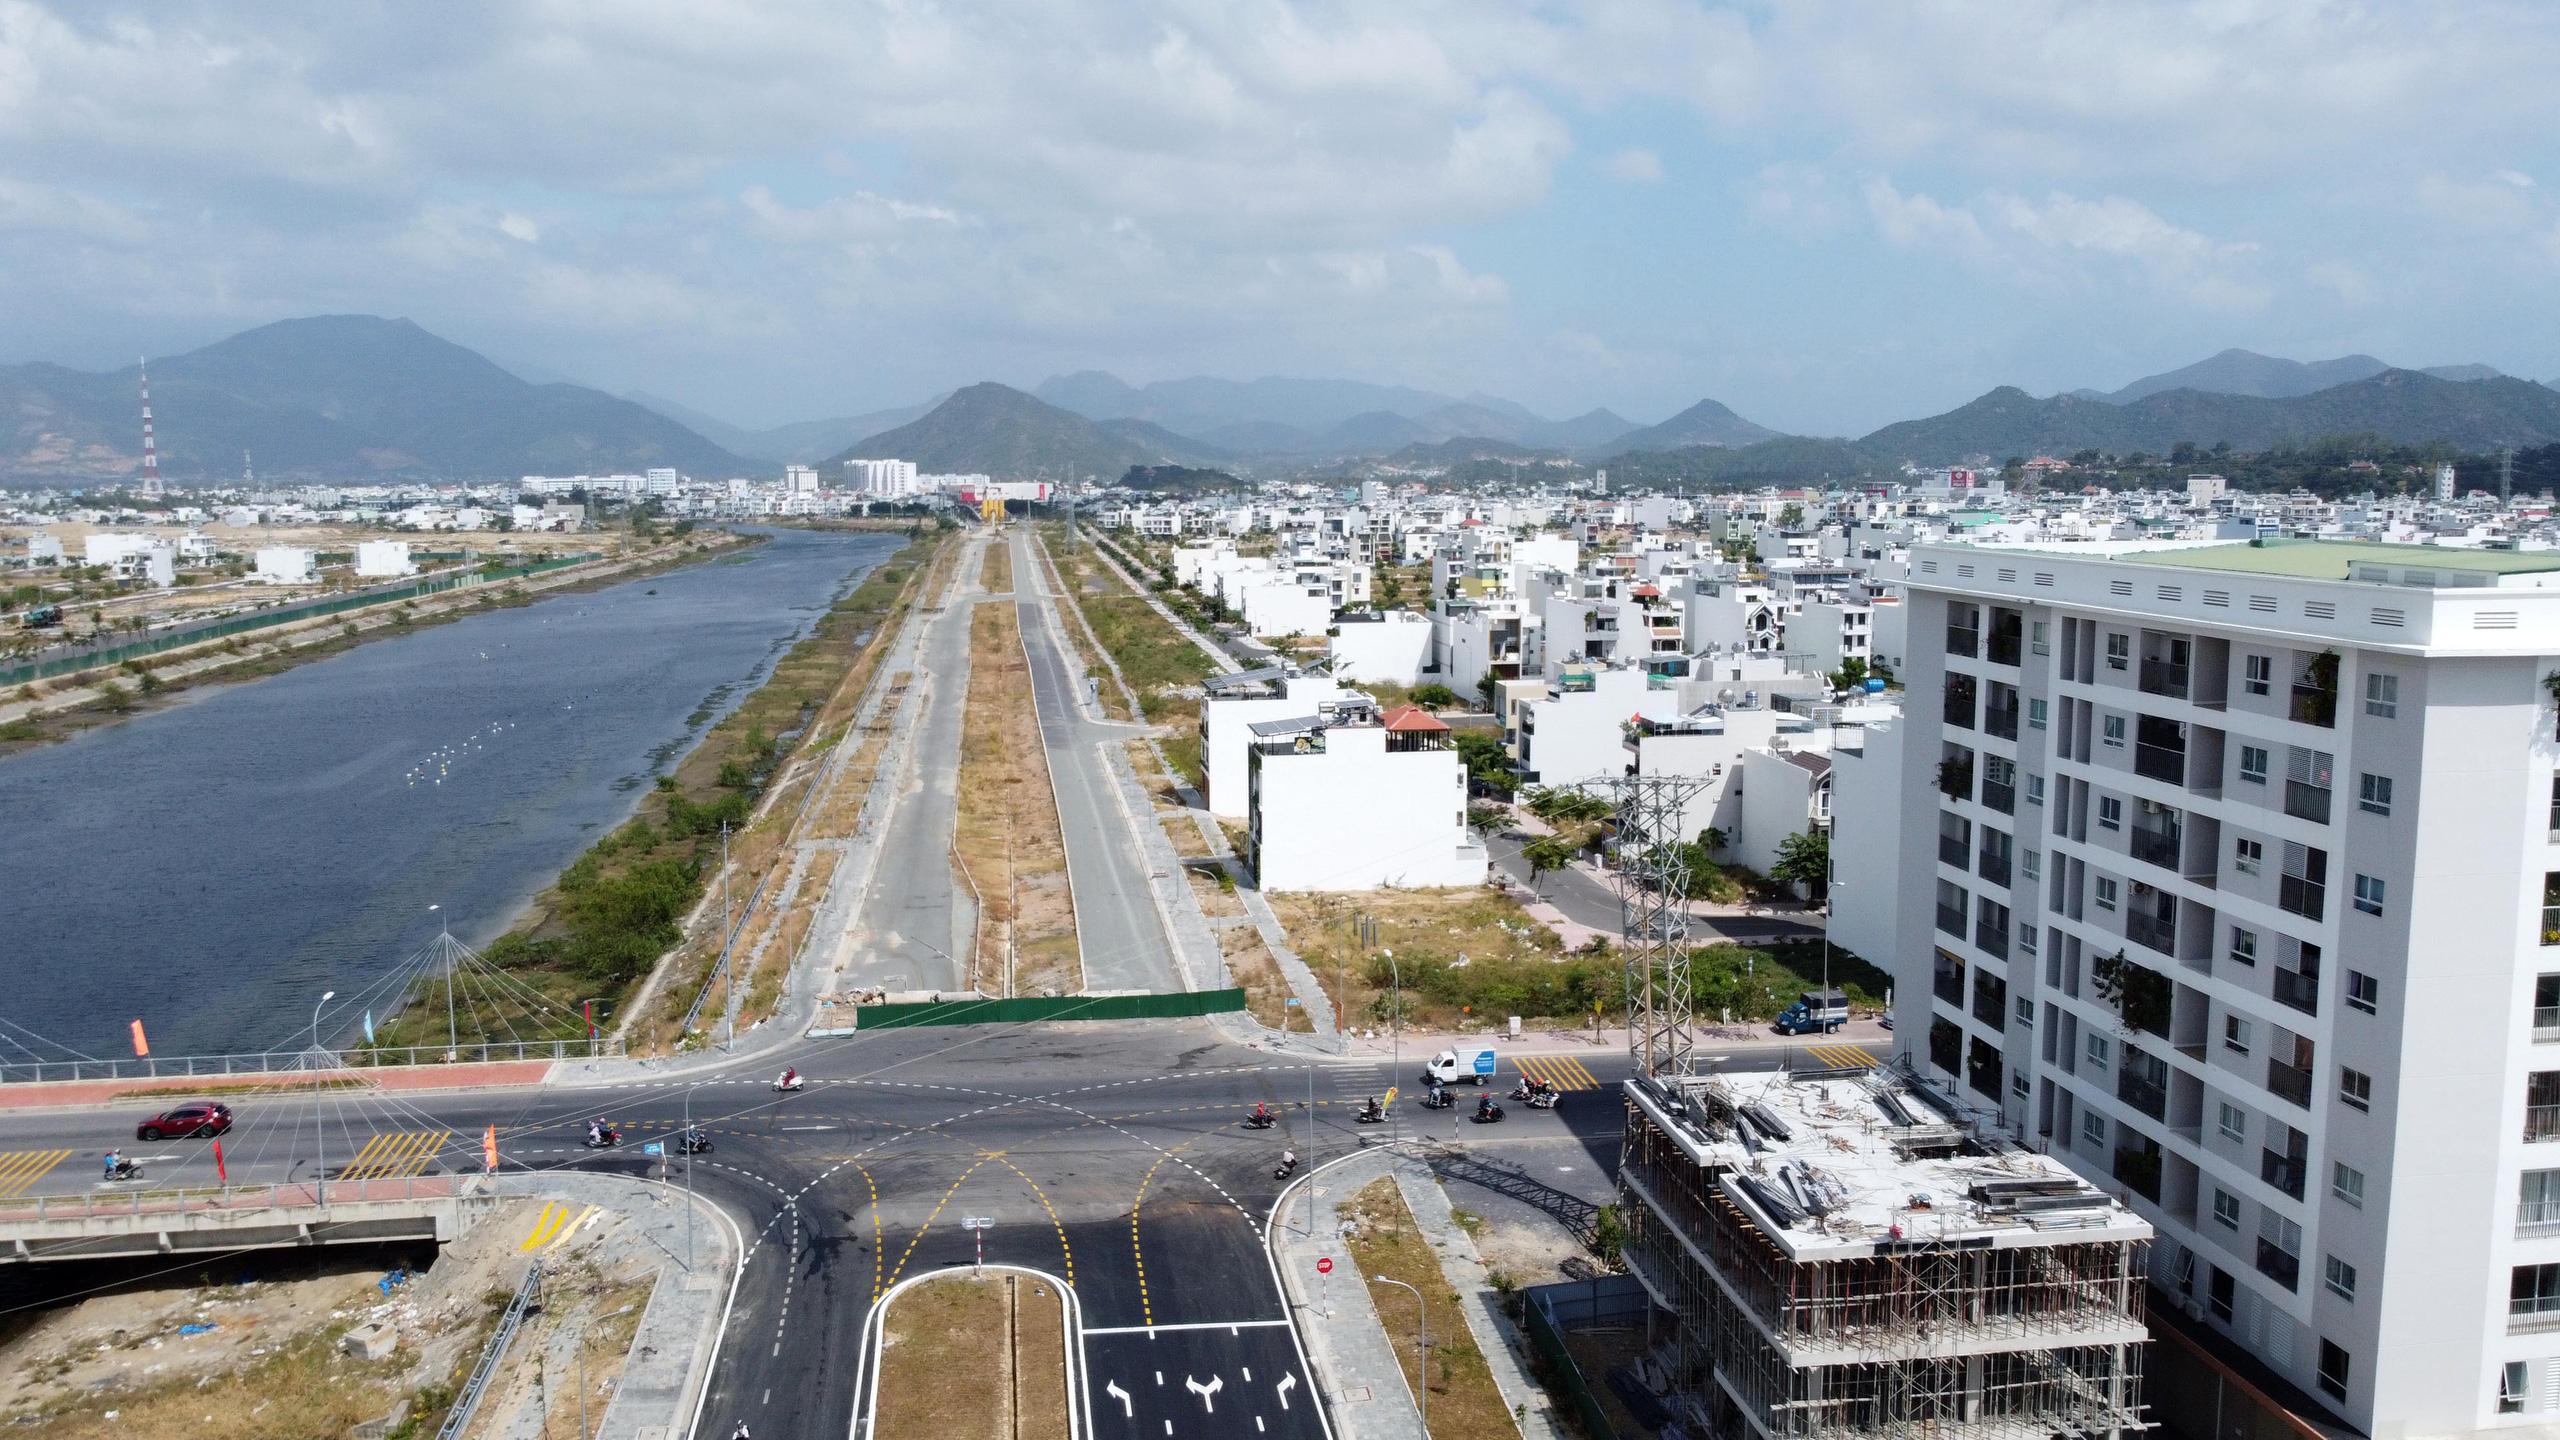 Khánh Hòa: Phúc Sơn chuẩn bị chuyển giao 5,8 km đường vành đai 2 thuộc dự án BT gần 1.200 tỷ đồng - Ảnh 2.